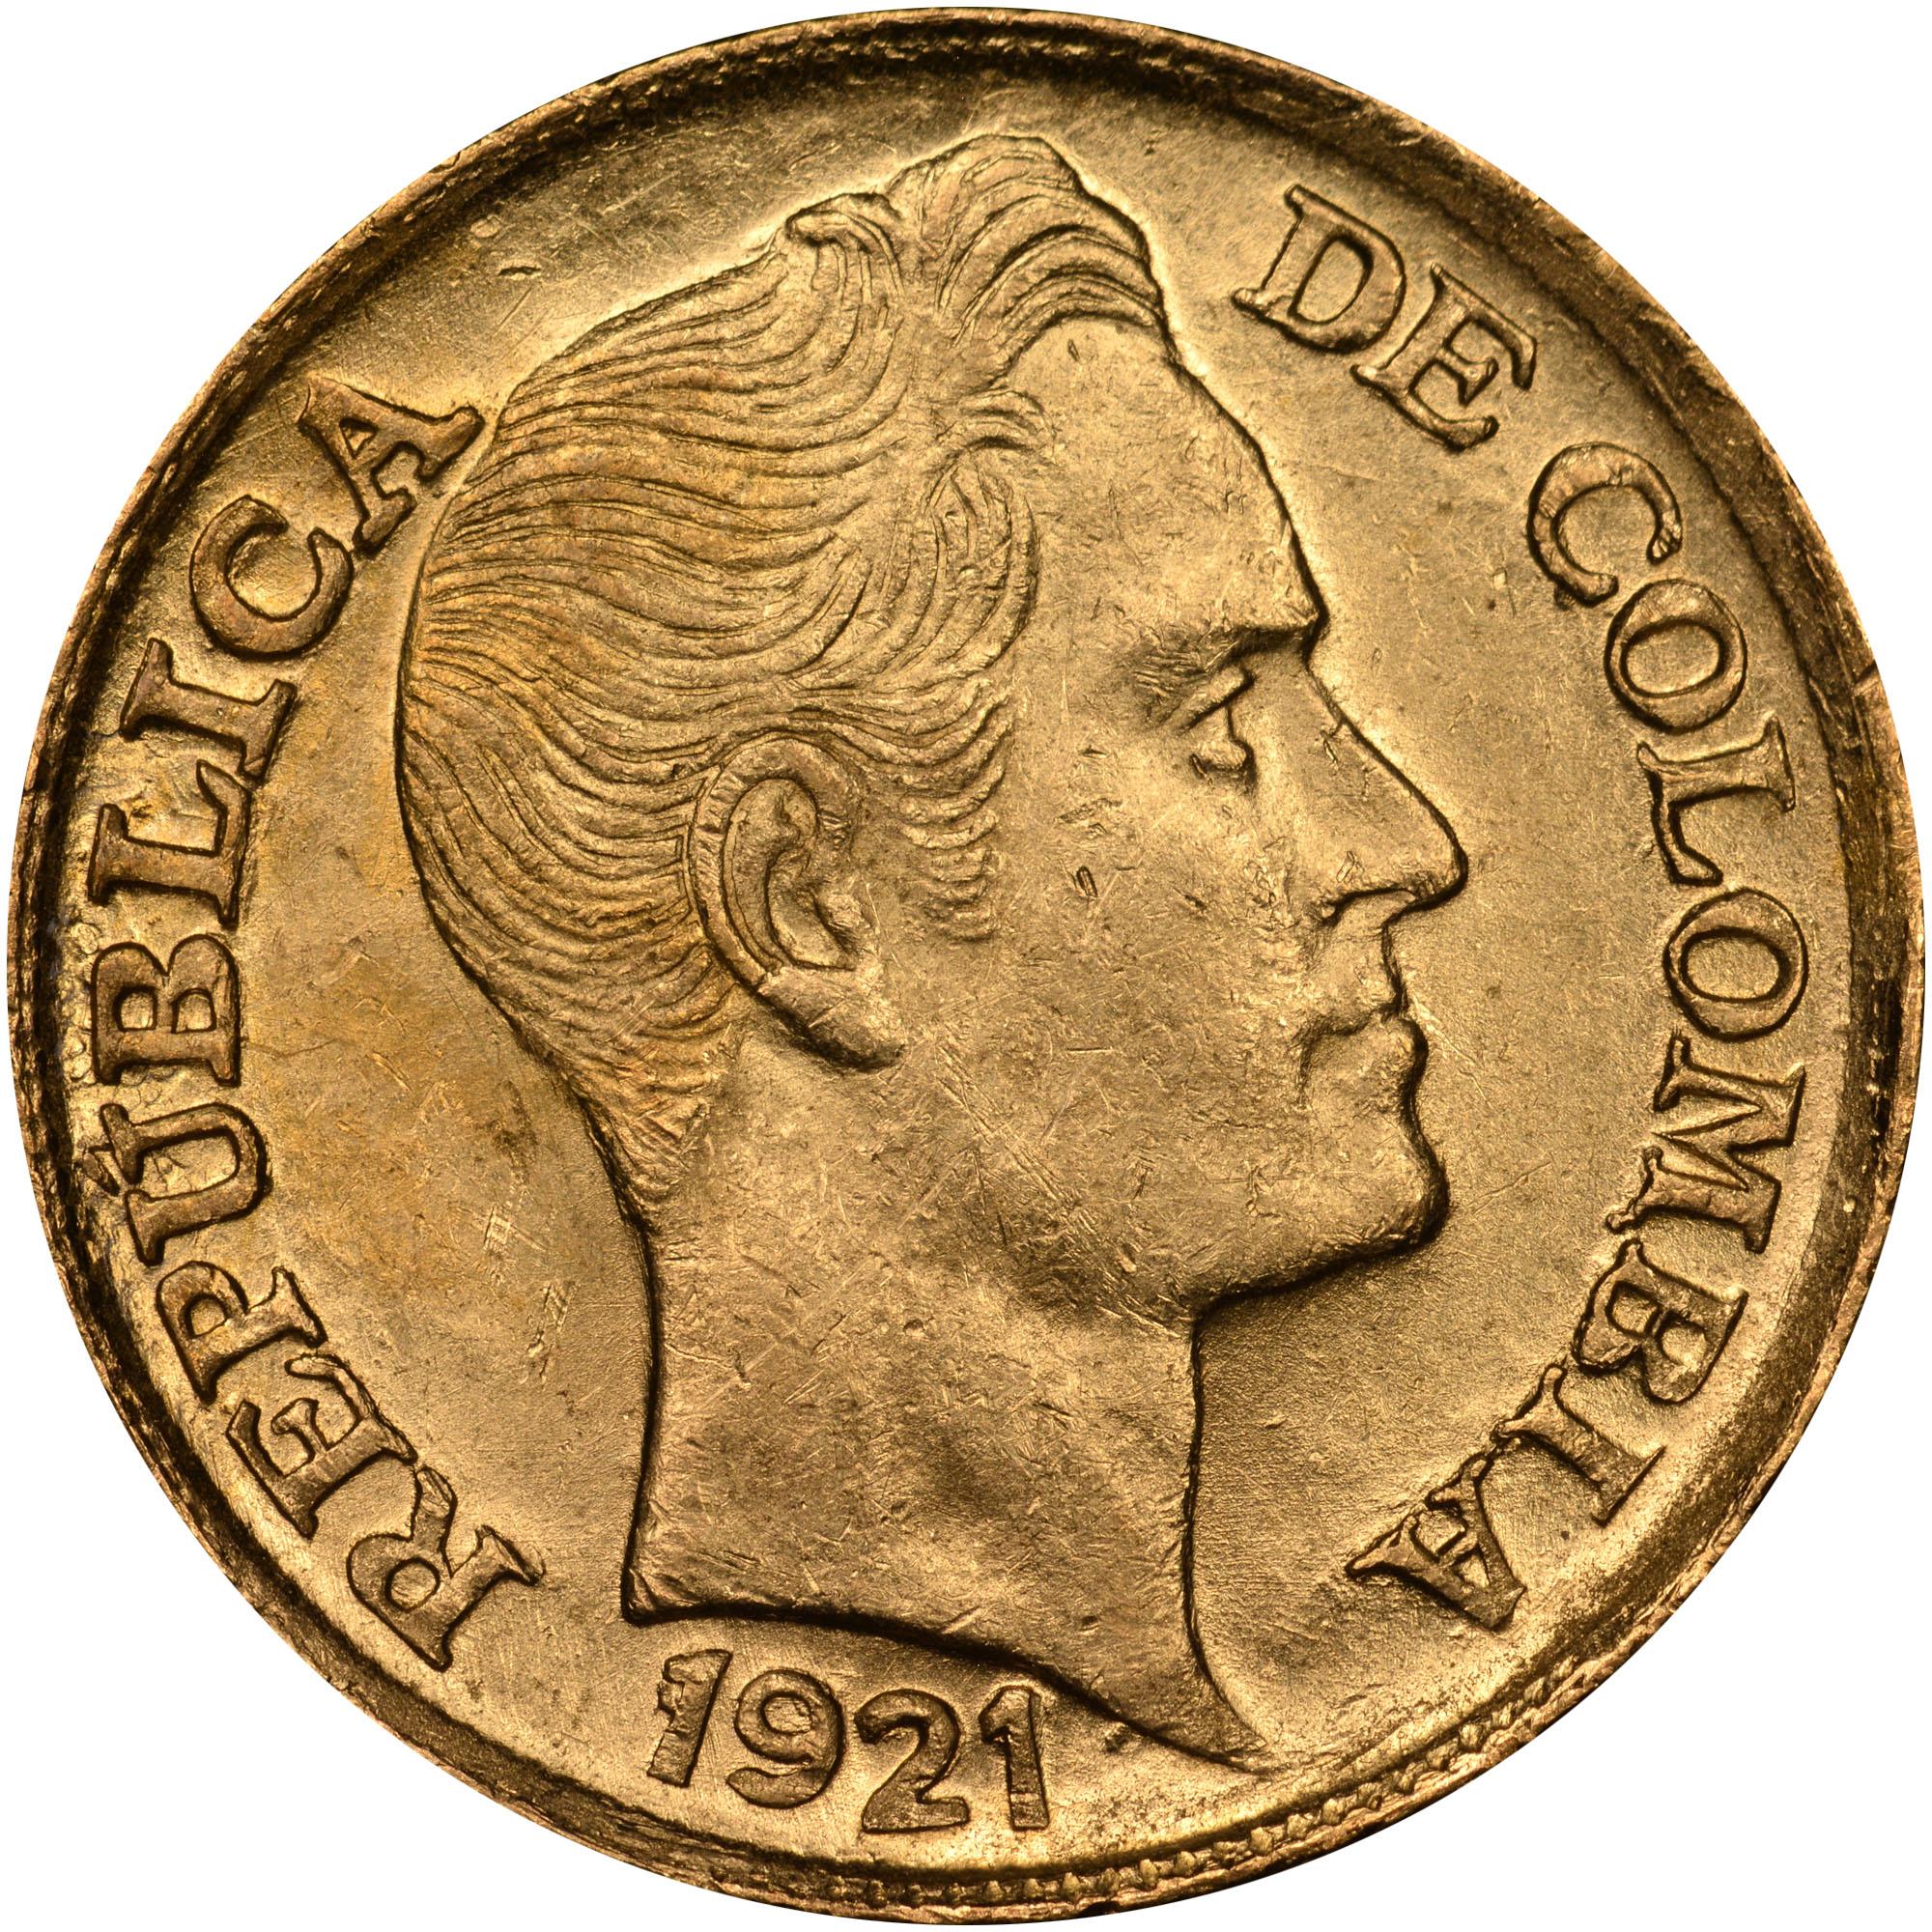 1919-1924 Colombia 5 Pesos obverse